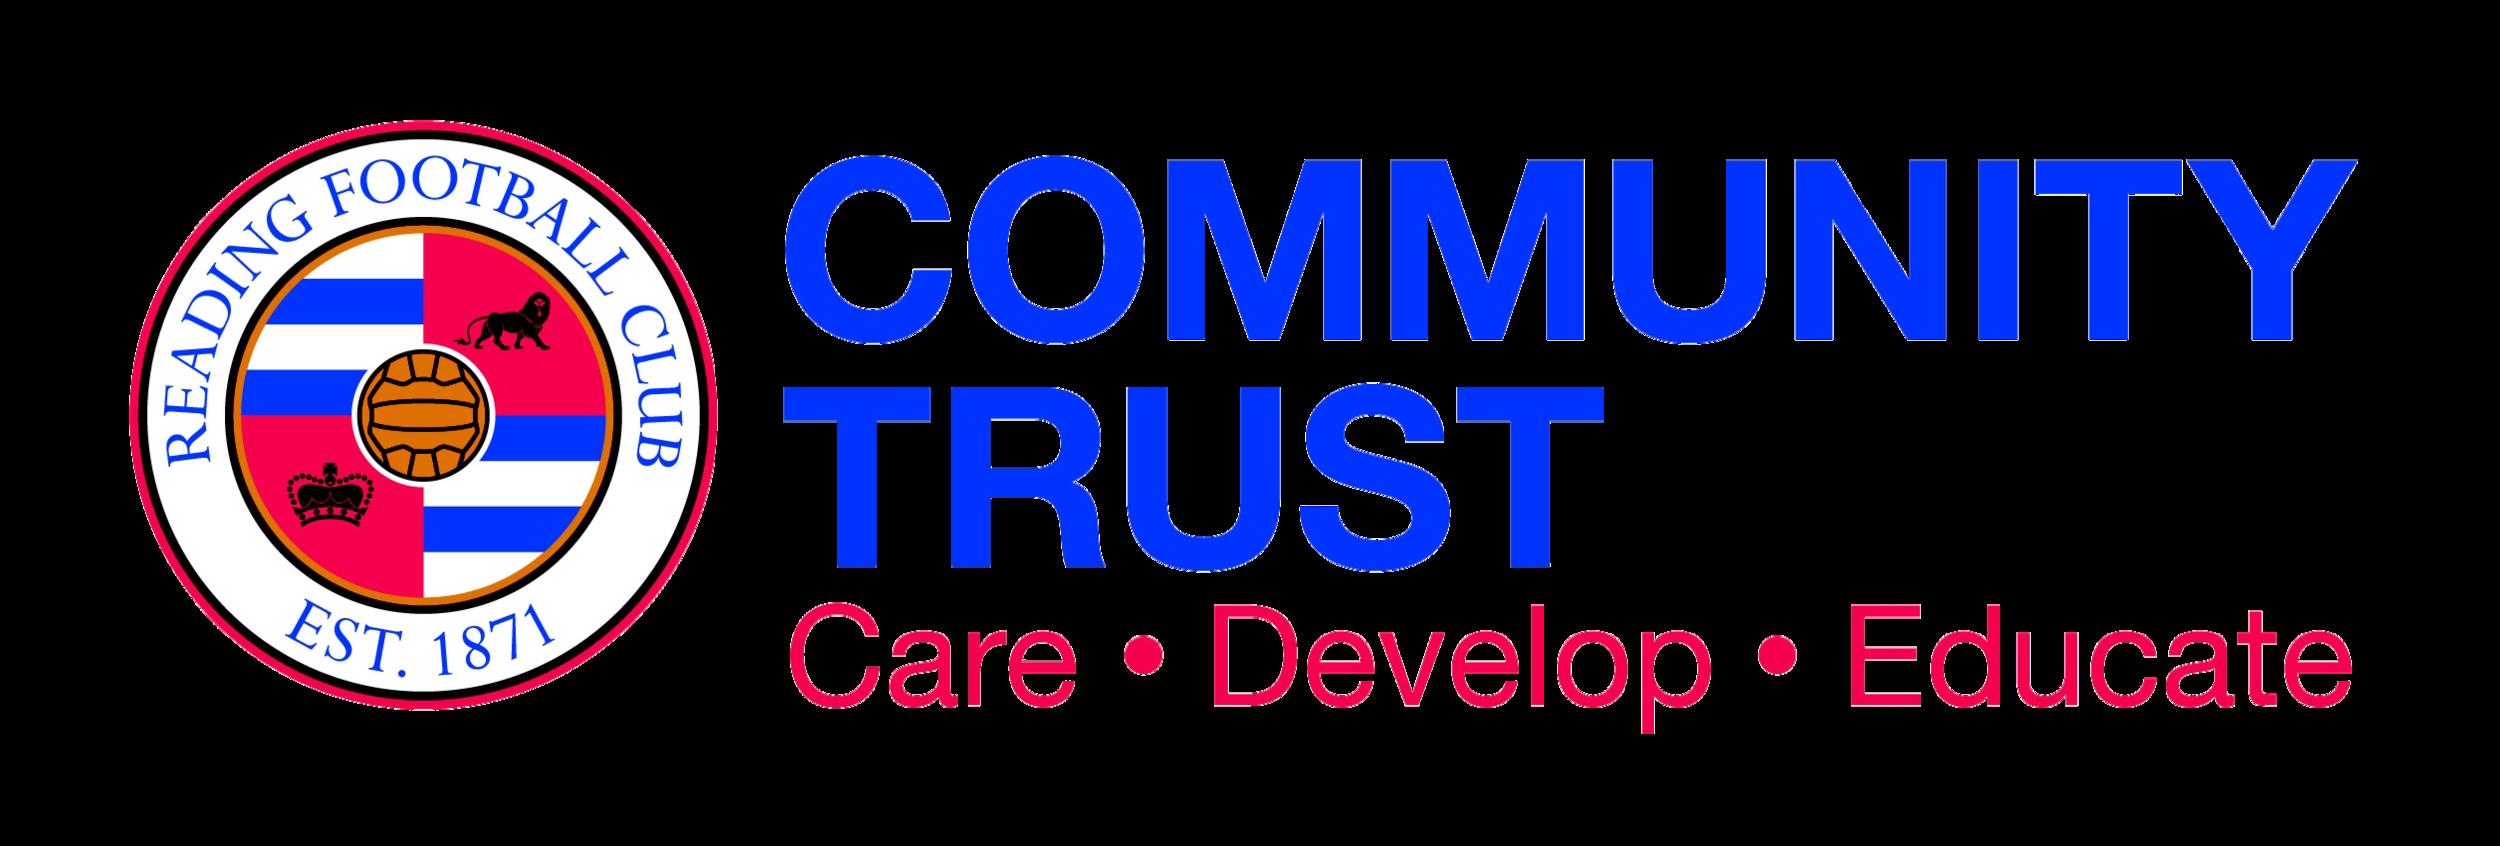 Reading F.C. Community Trust